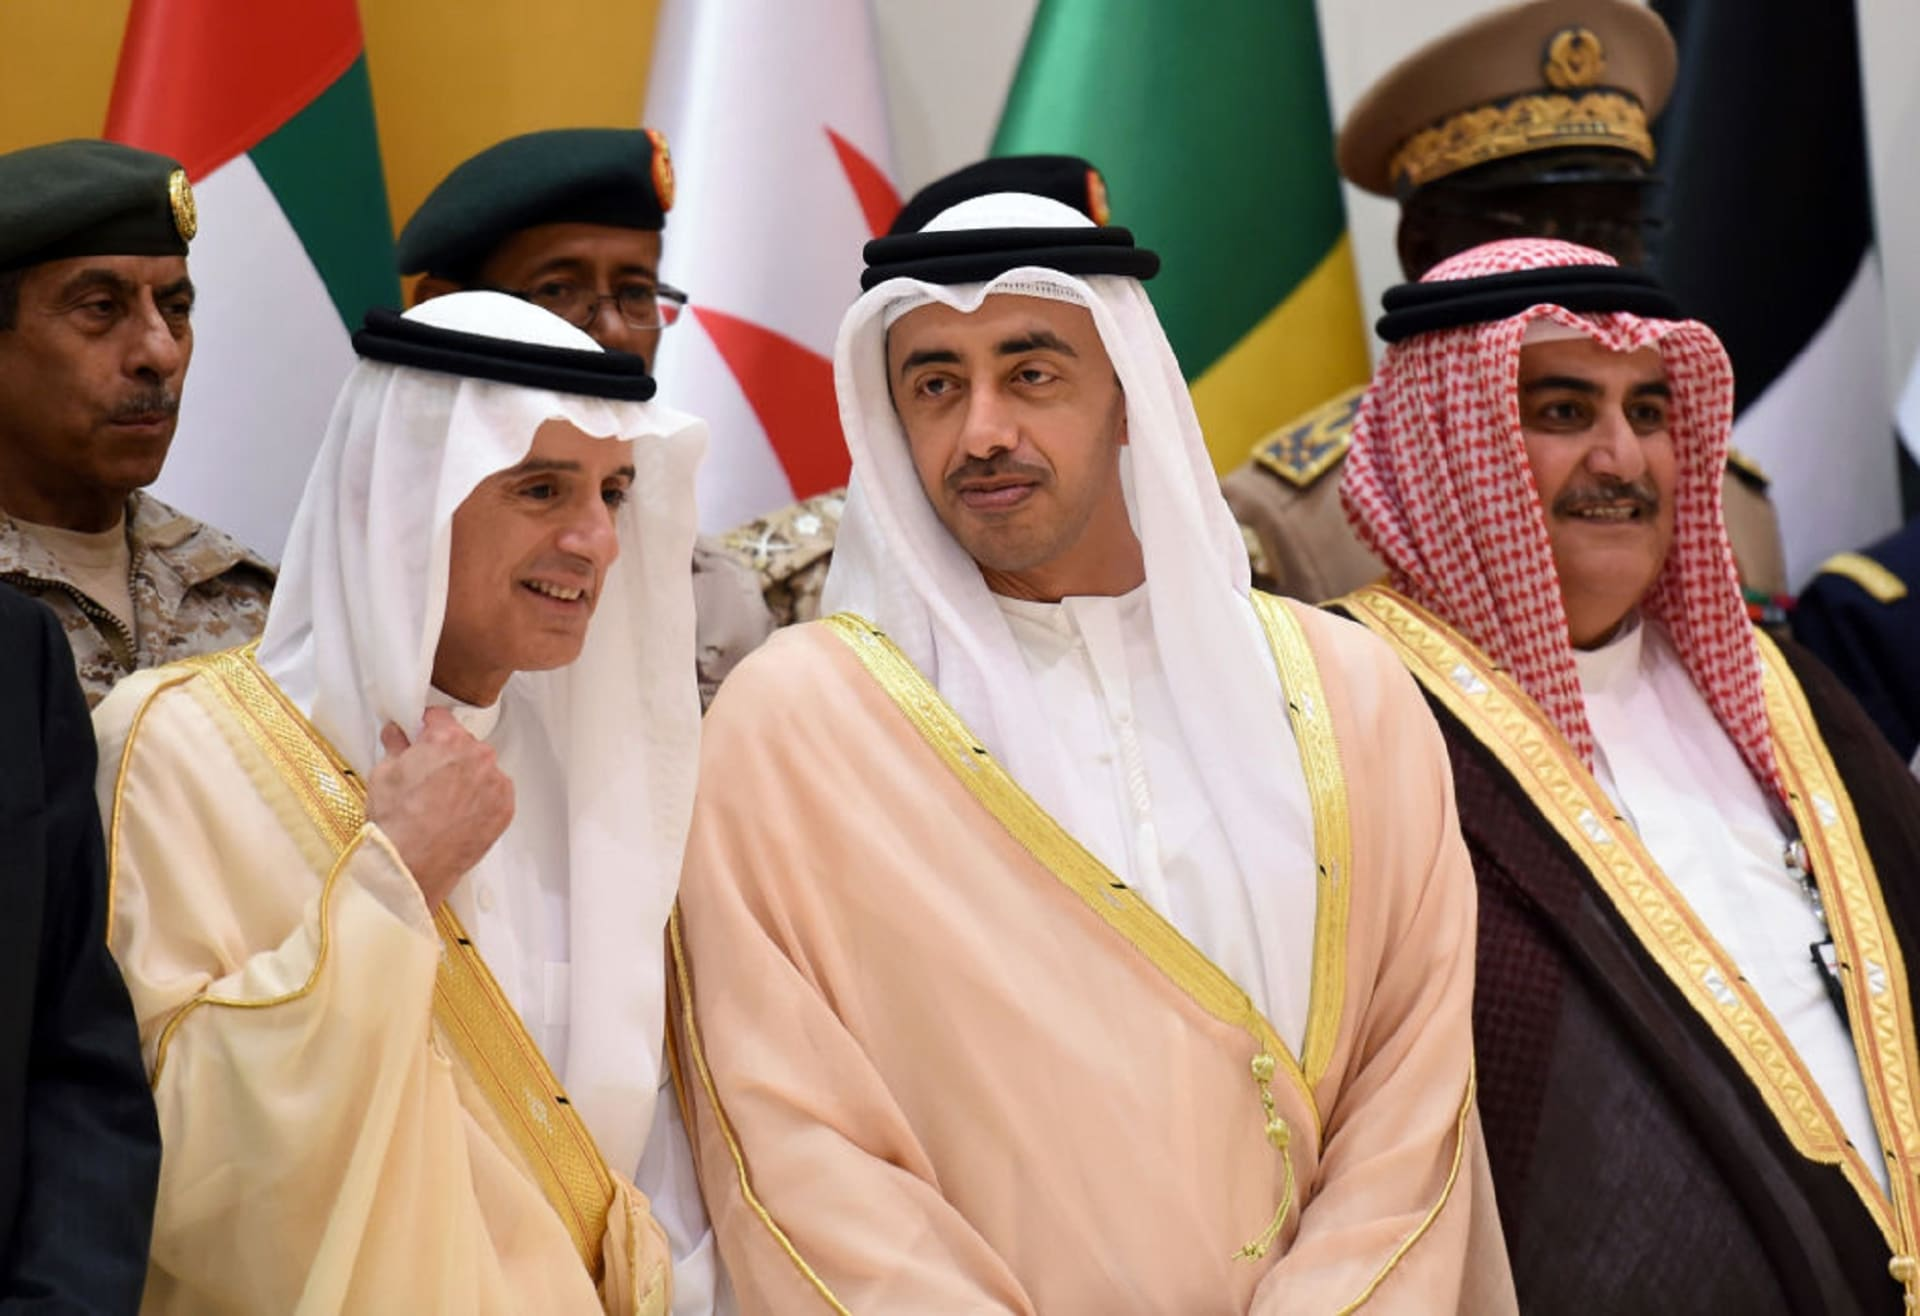 """الإمارات تتضامن مع السعودية في موقفها من """"الشيوخ الأمريكي"""": أي تدخل مرفوض"""